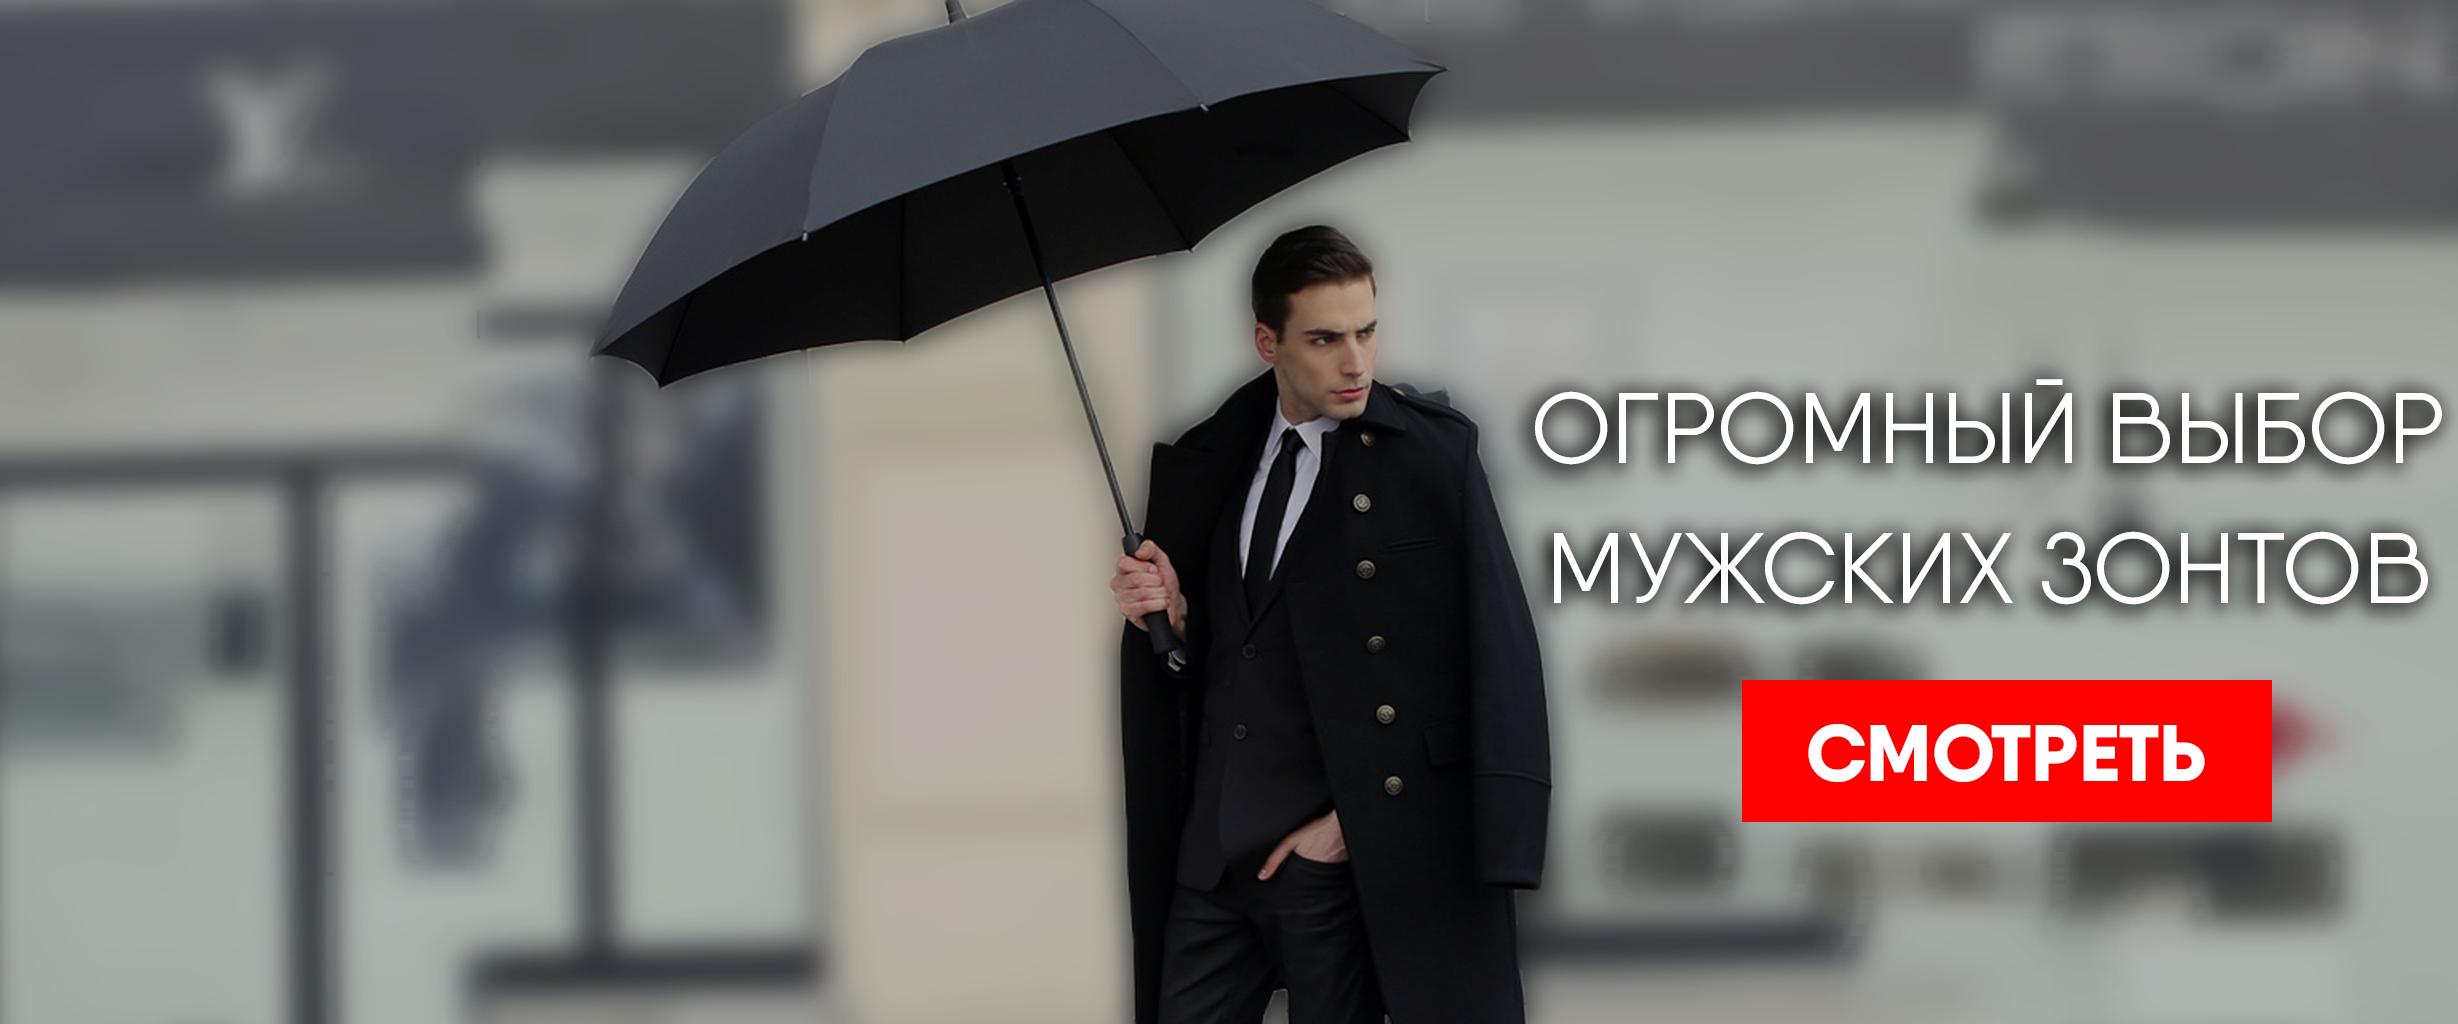 Мужские зонты